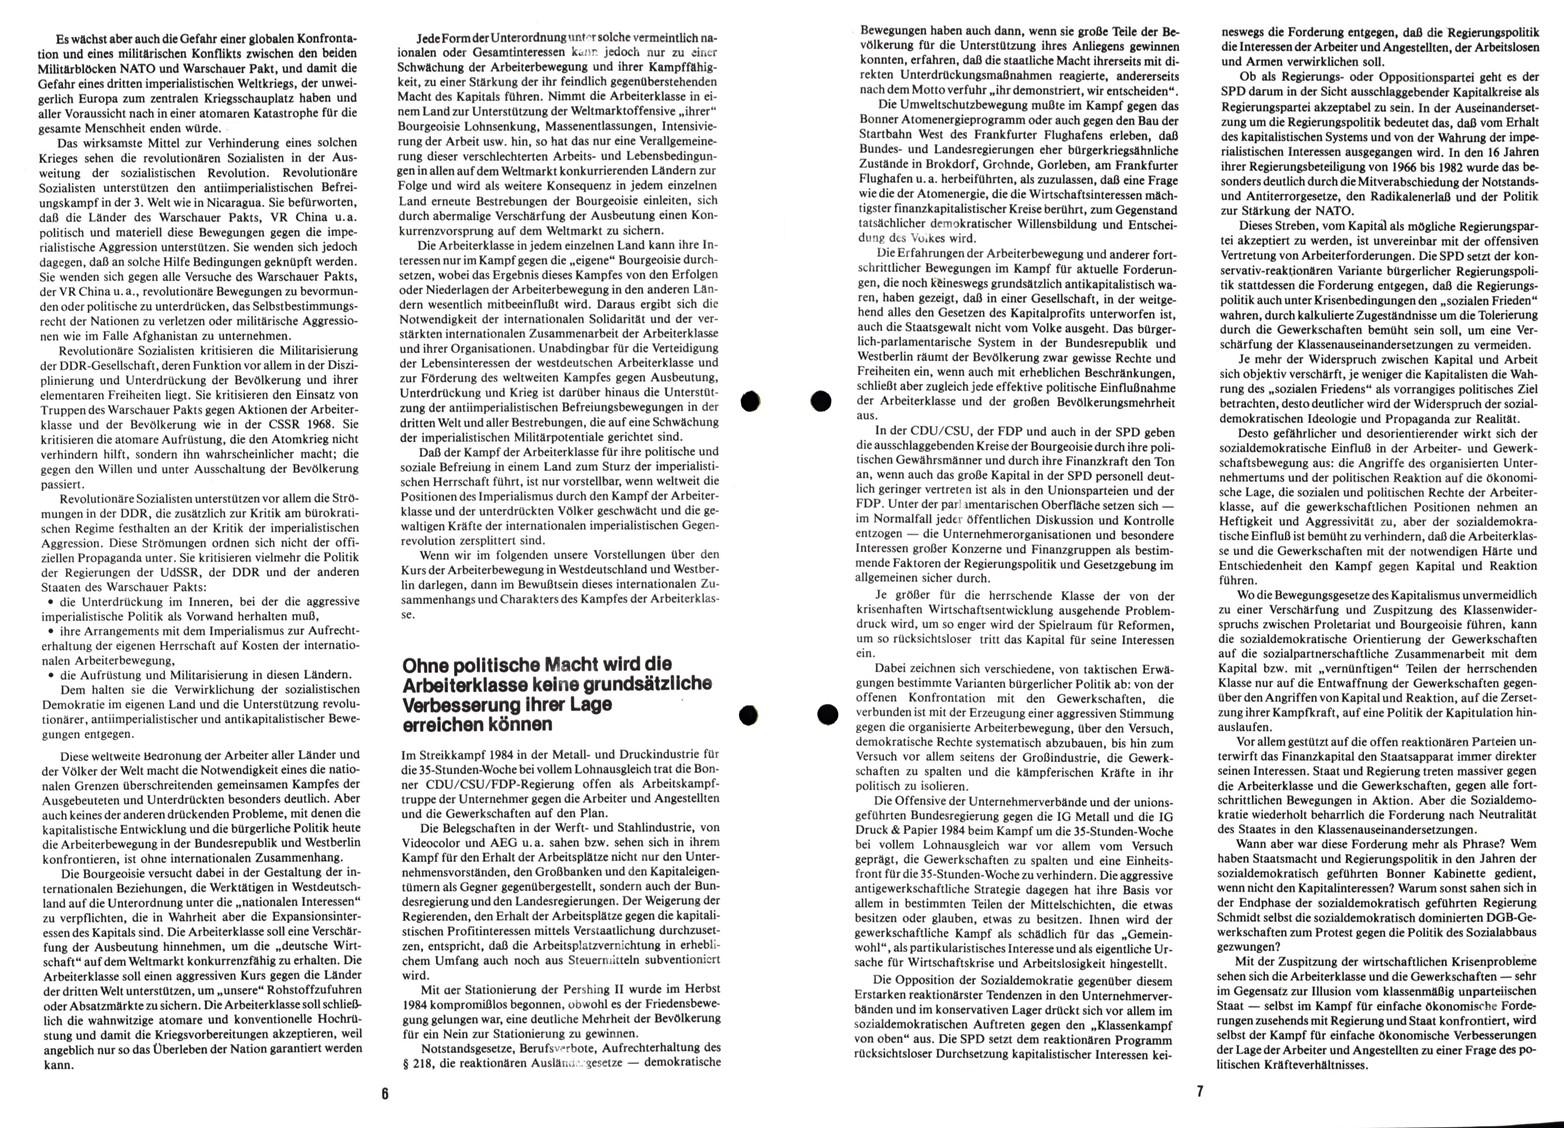 KPDML_GIM_1986_Dokumente_zur_Vereinigung_04